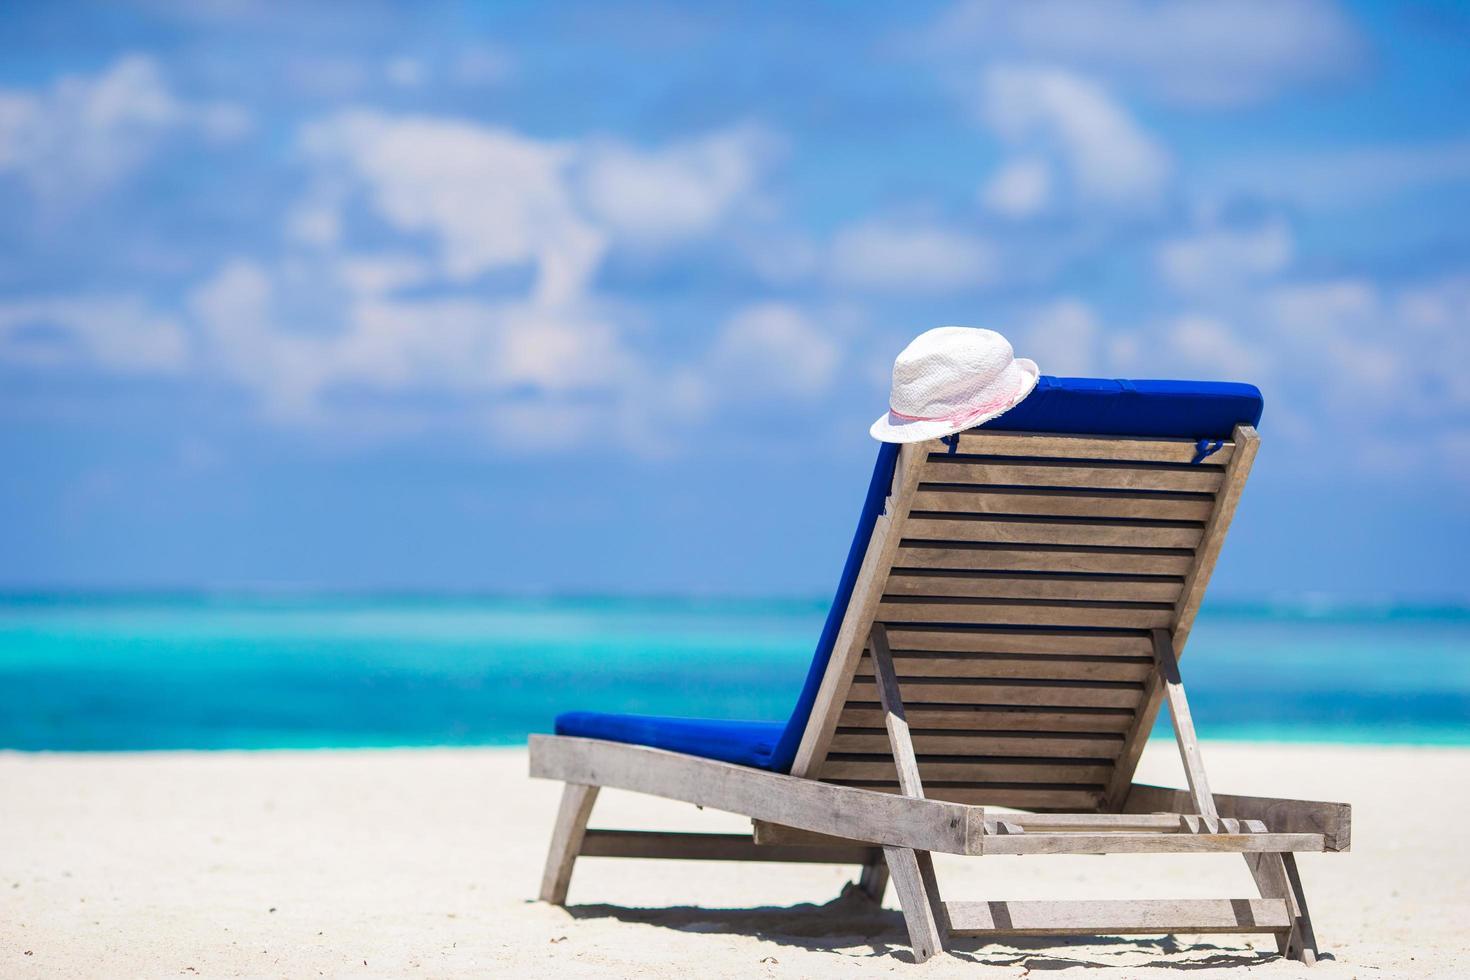 Liegestuhl und weißer Hut an einem tropischen Strand foto